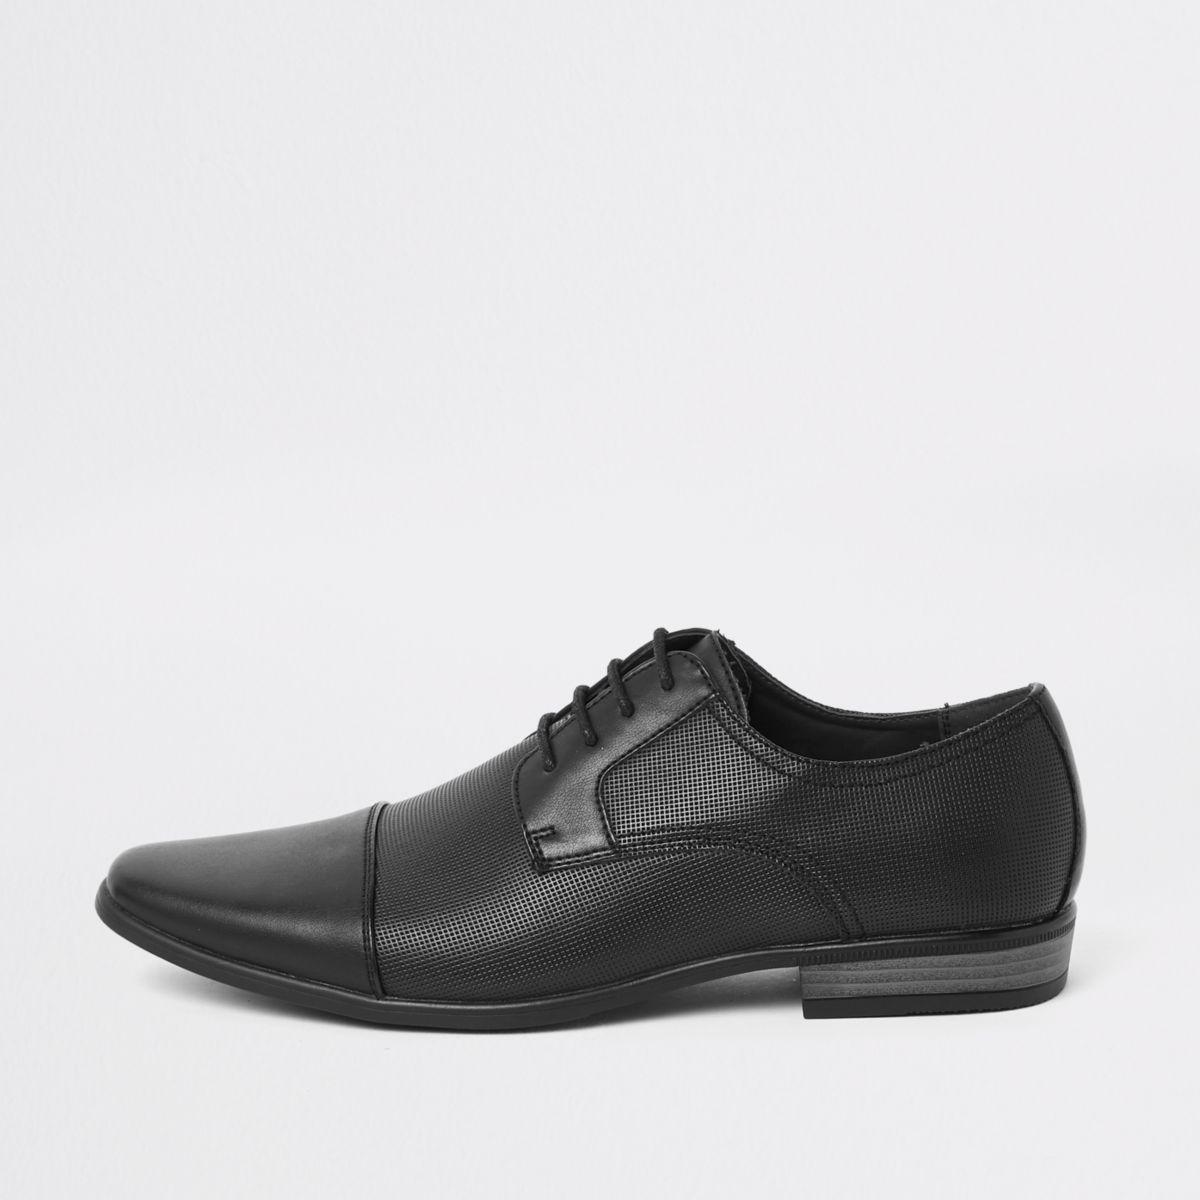 Schwarze Schnürschuhe mit Prägung